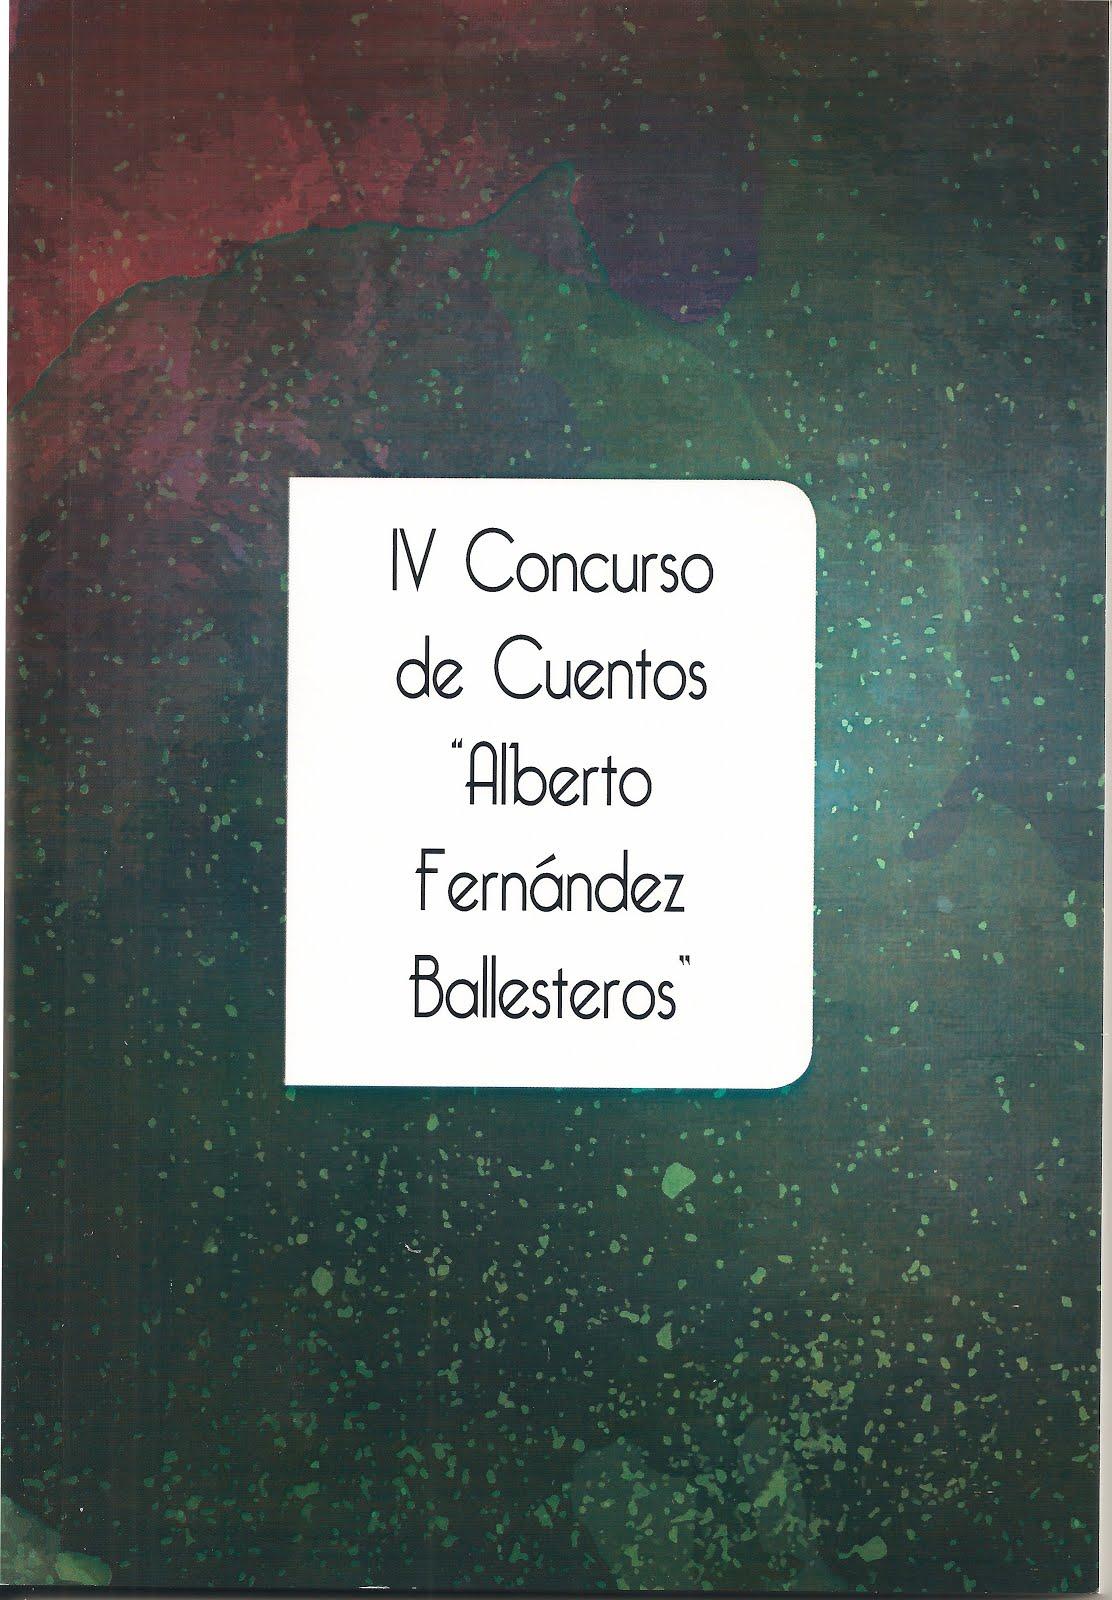 IV Concurso Cientos Alberto Fernández Ballesteros